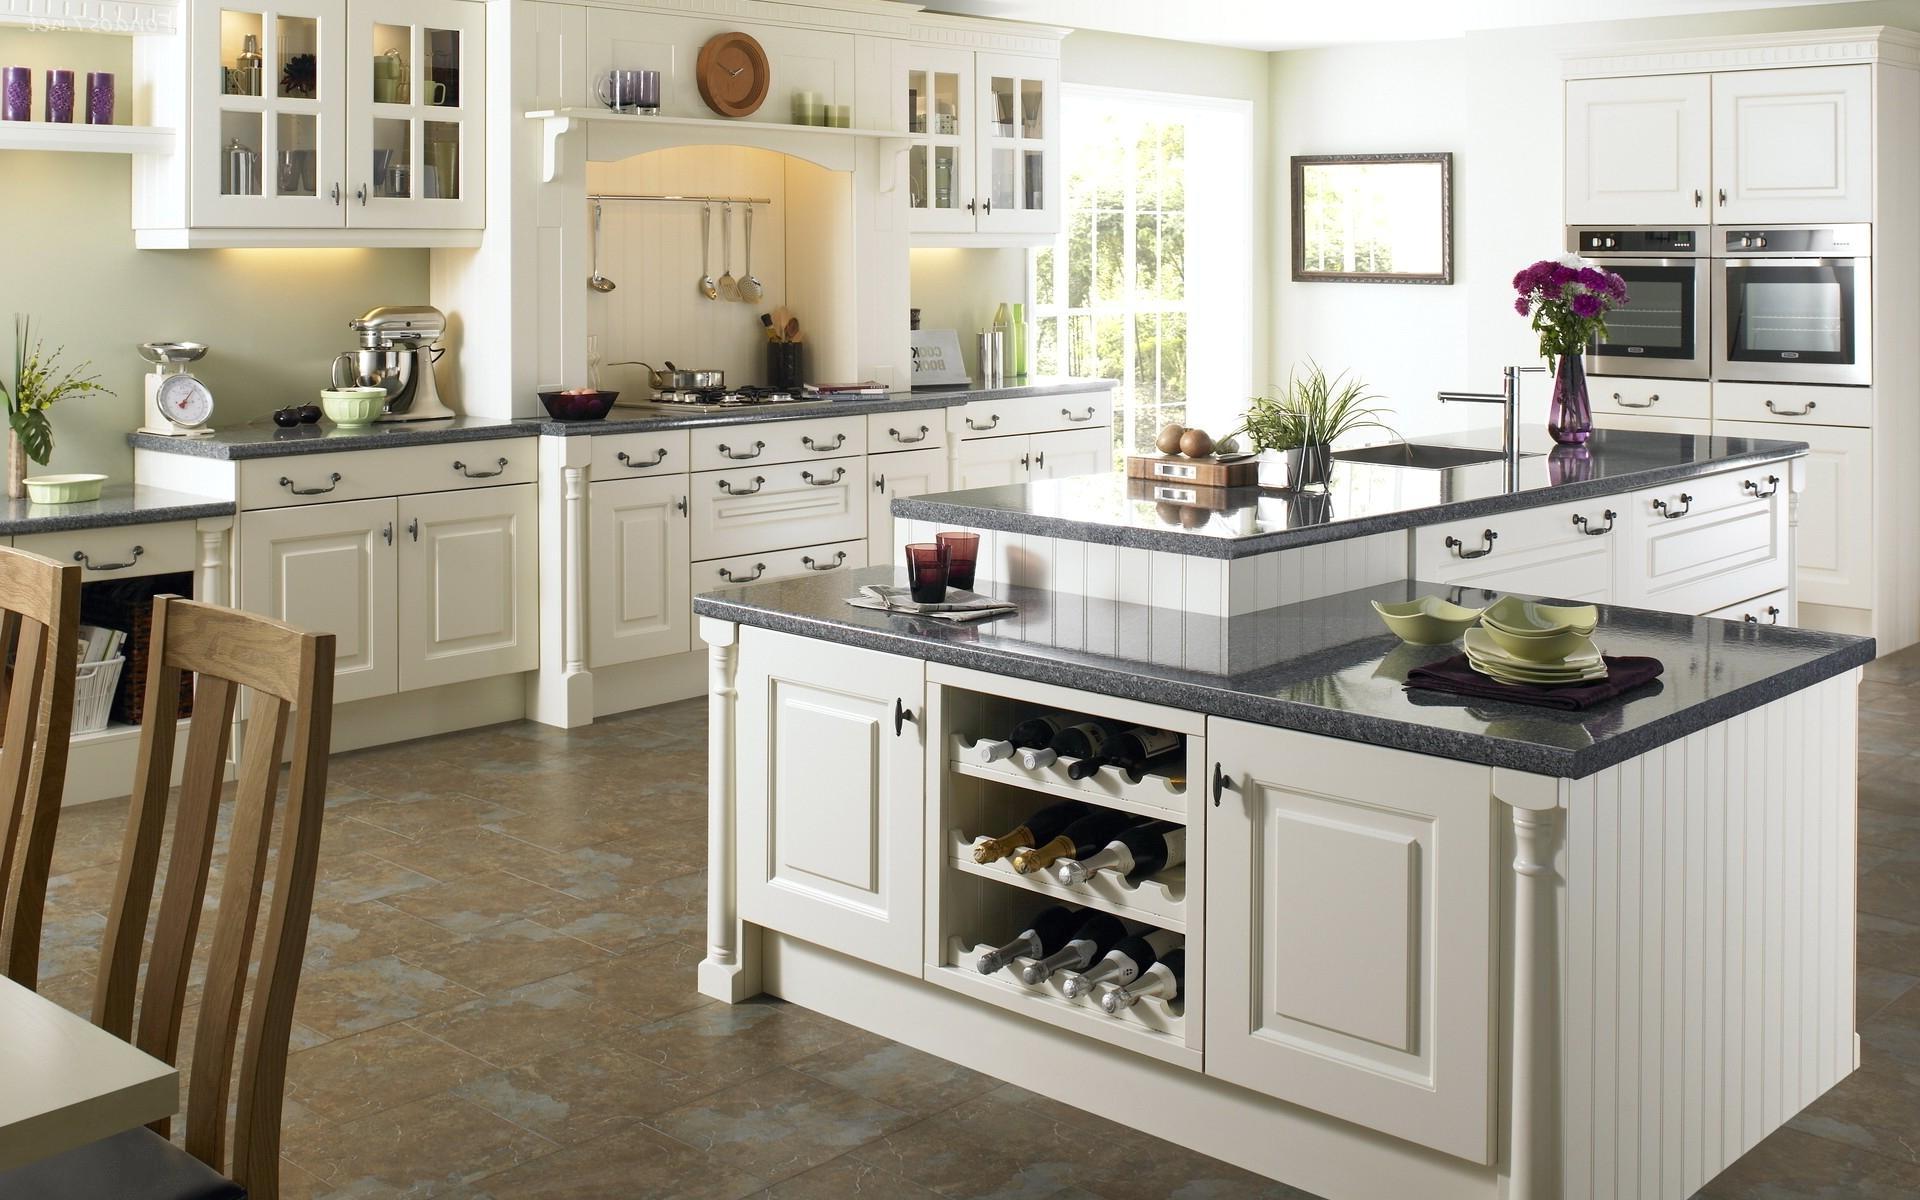 Muebles Cocina A Medida Malaga : Cocinas a medida carpintero malaga